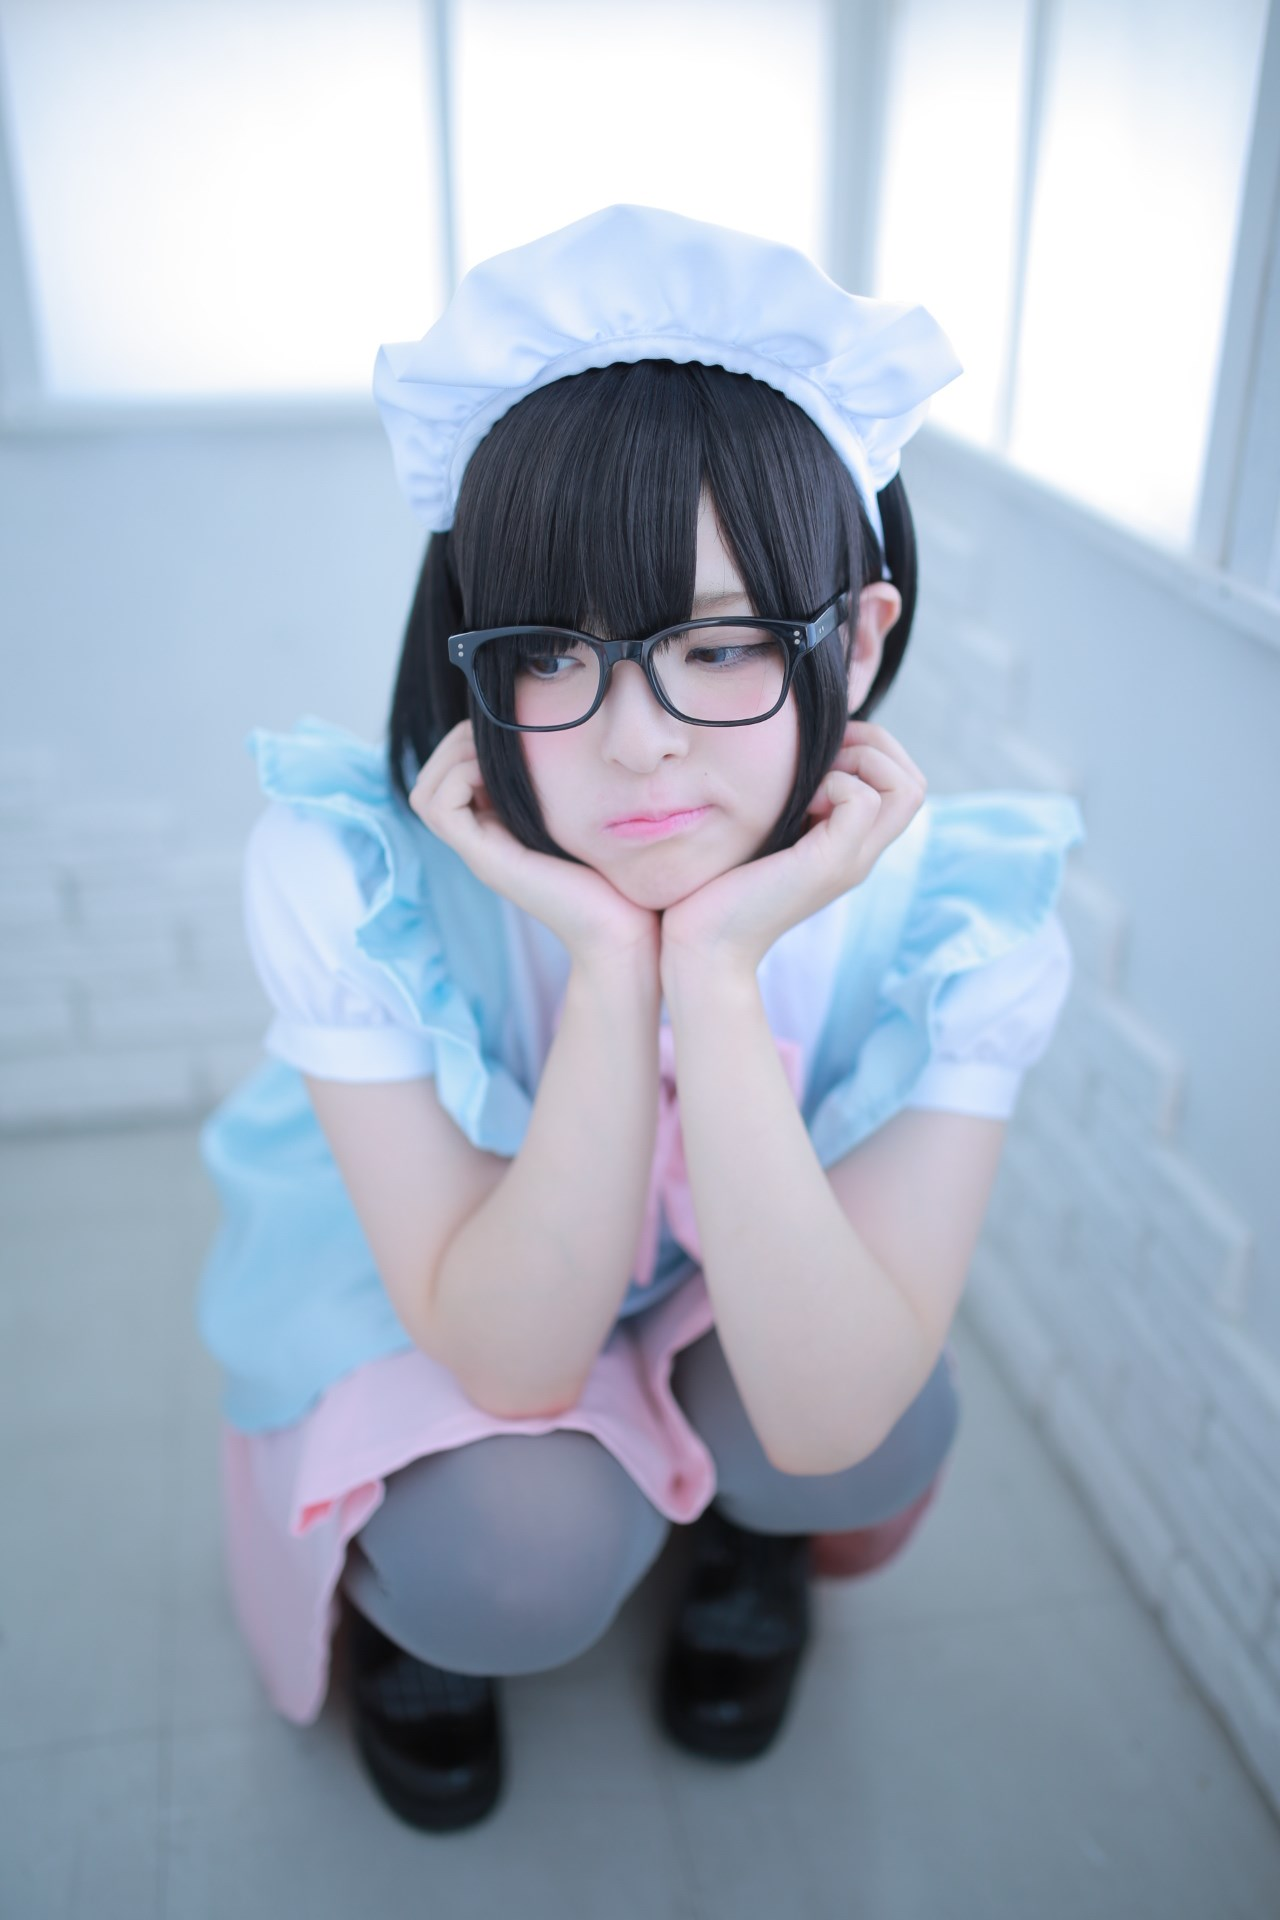 【兔玩映画】眼镜女仆 兔玩映画 第65张